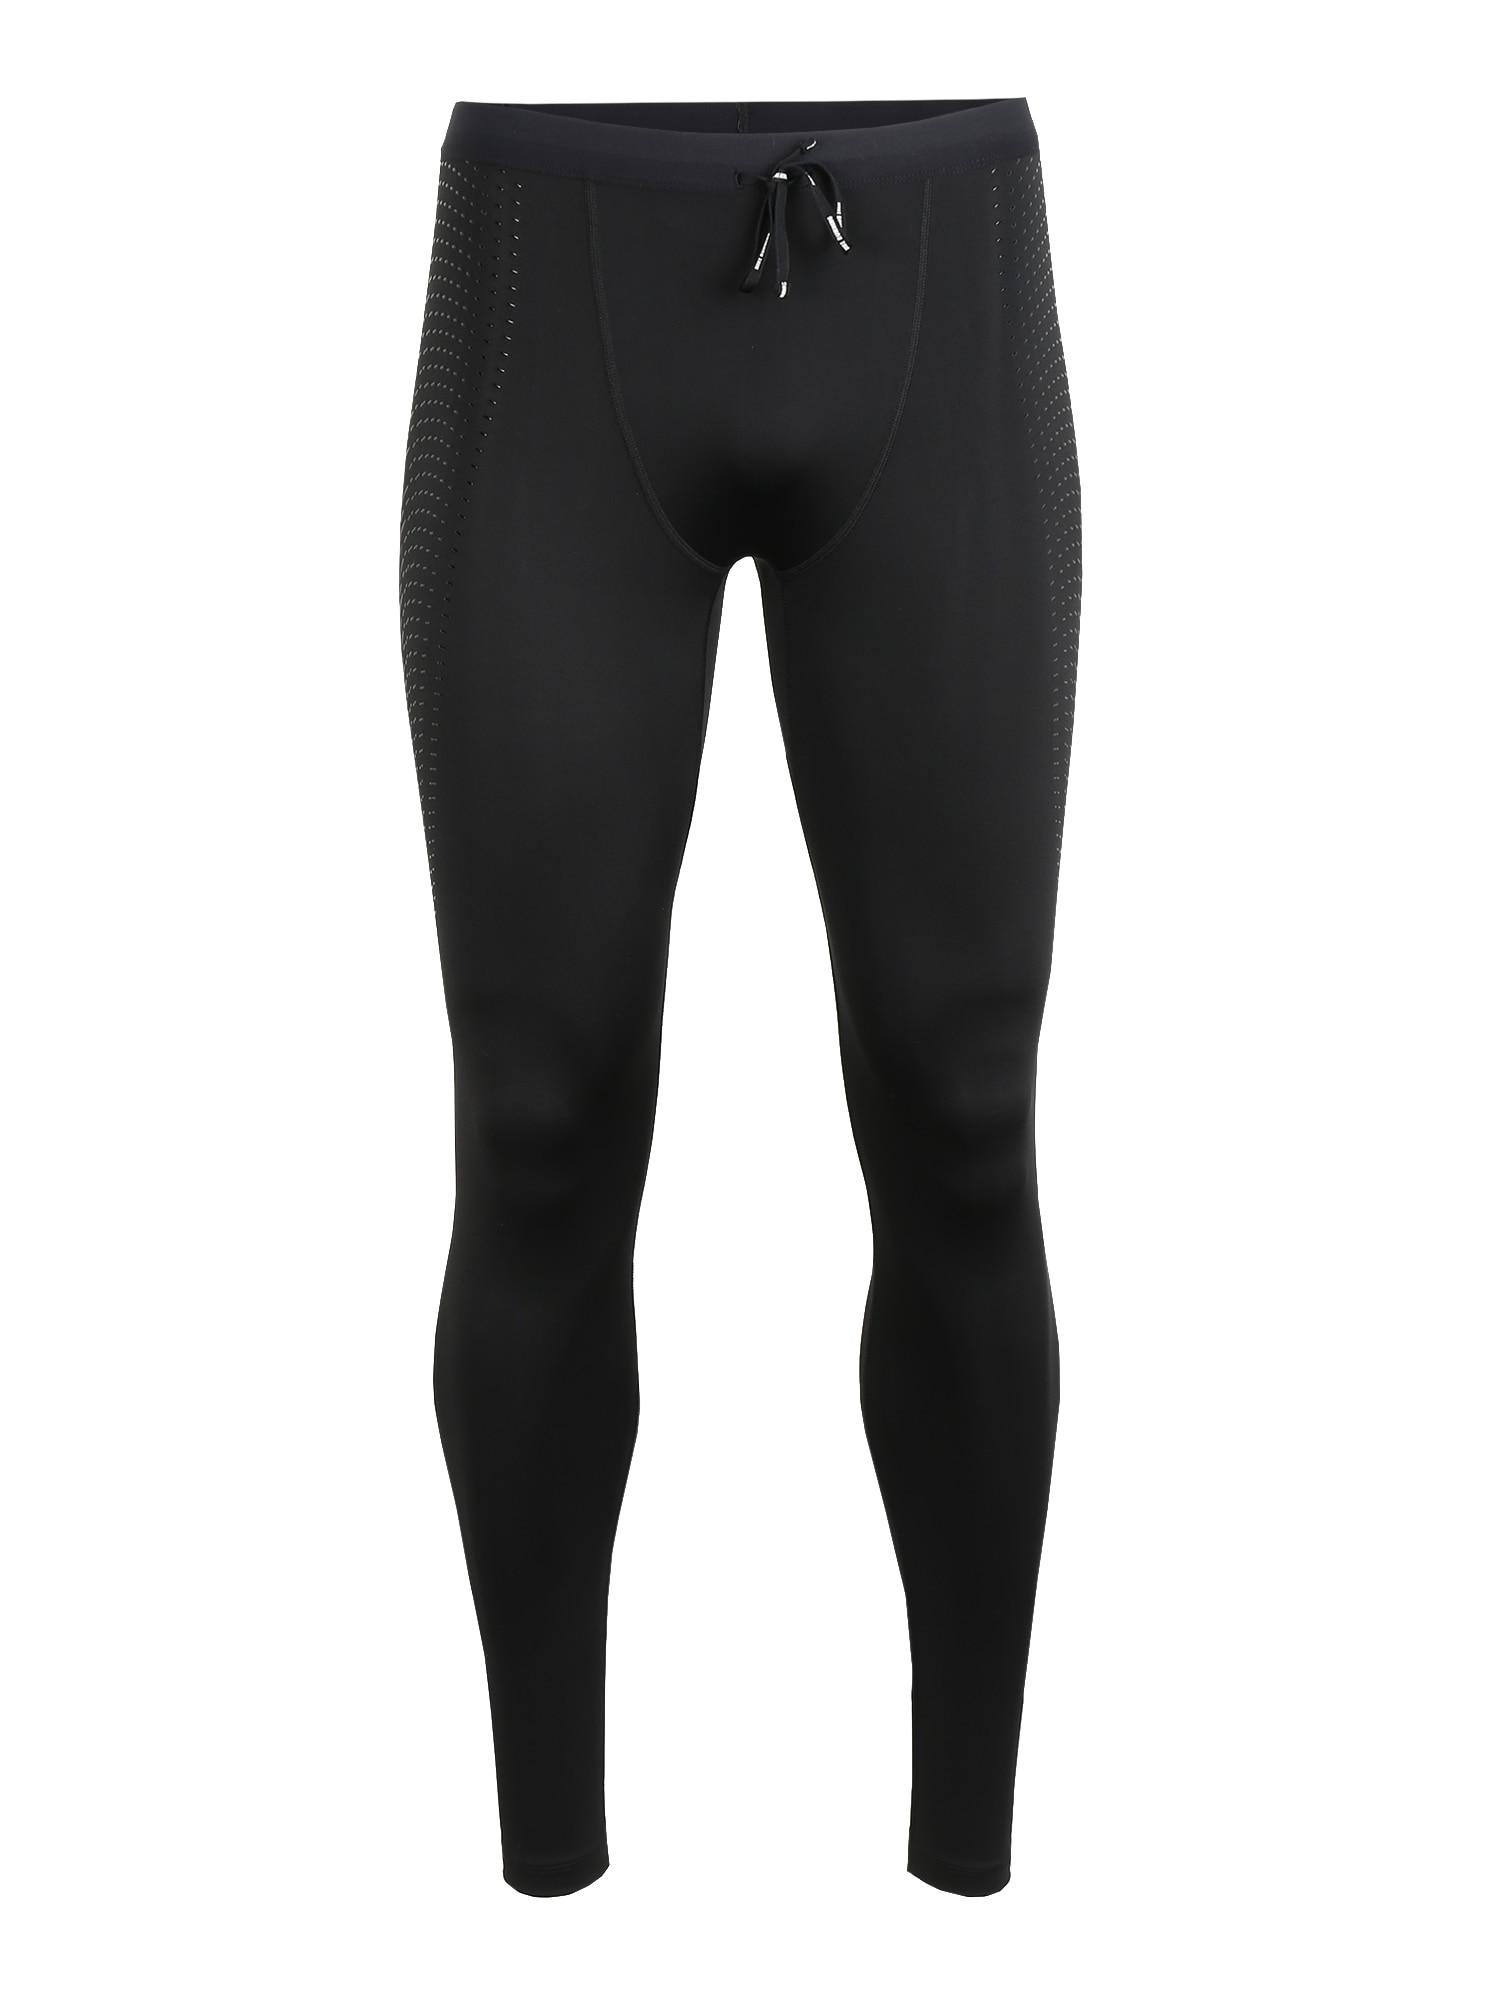 NIKE Sportinės kelnės 'Power' juoda